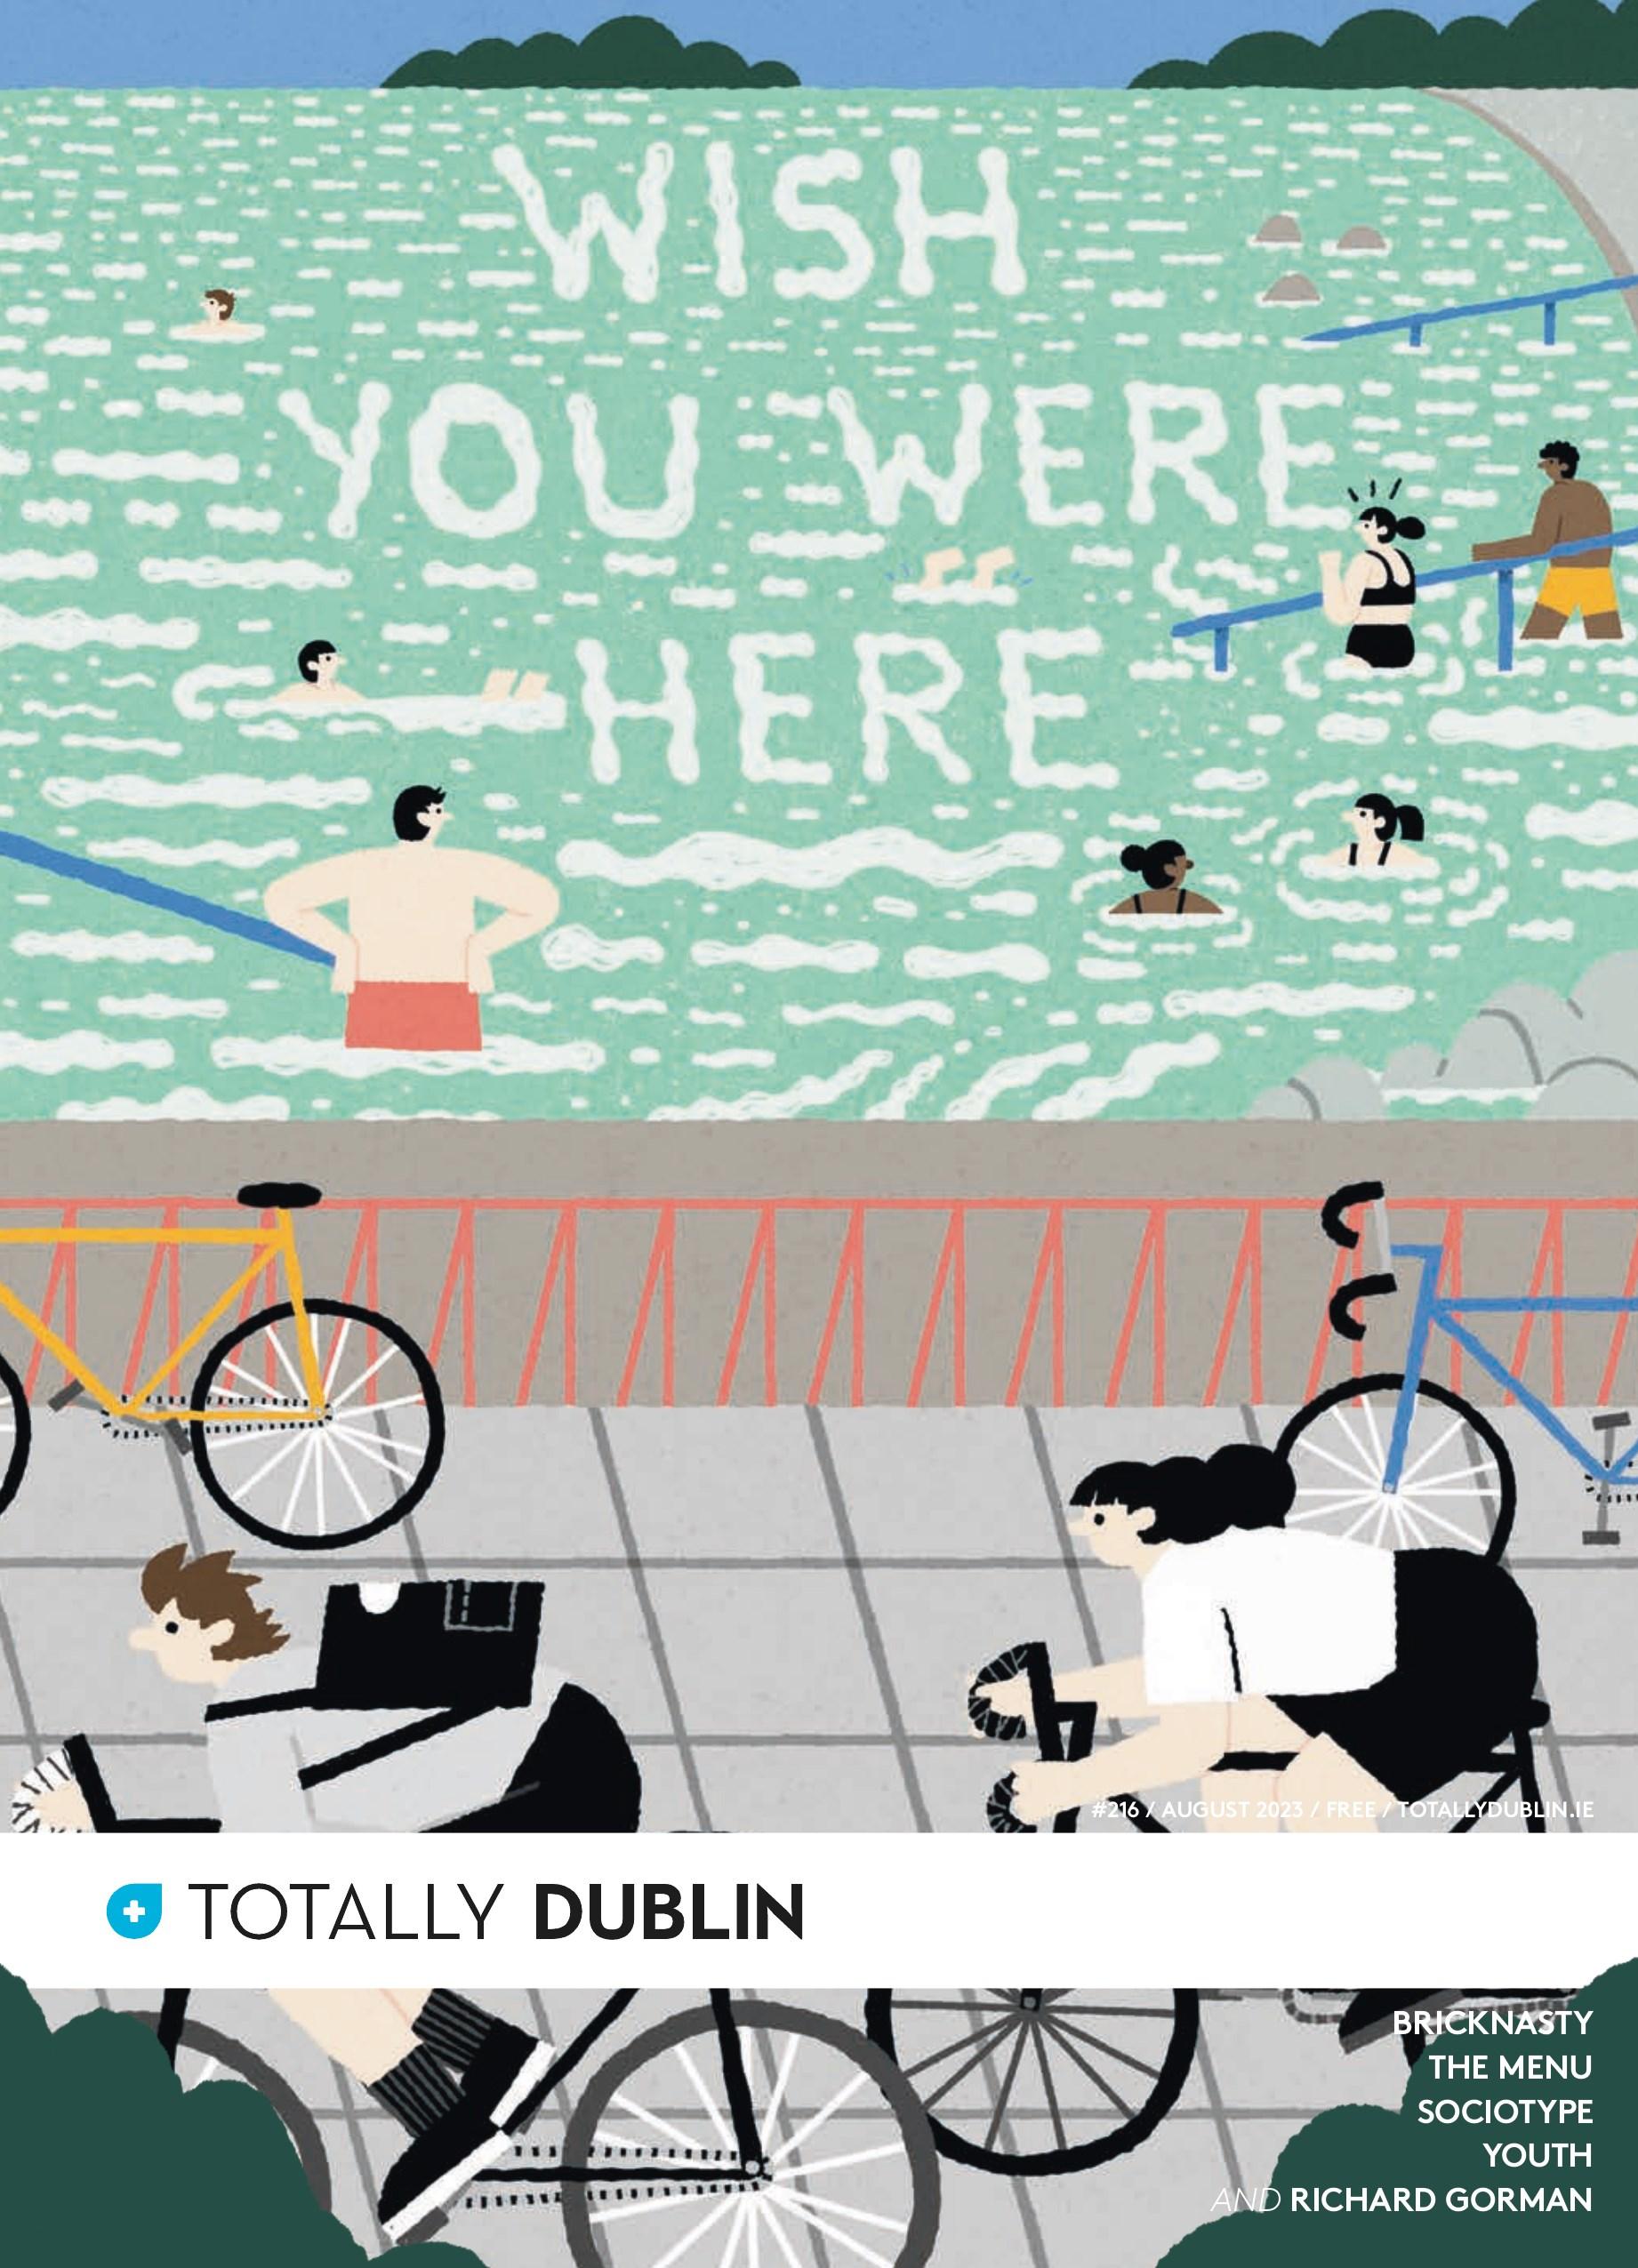 Totally Dublin